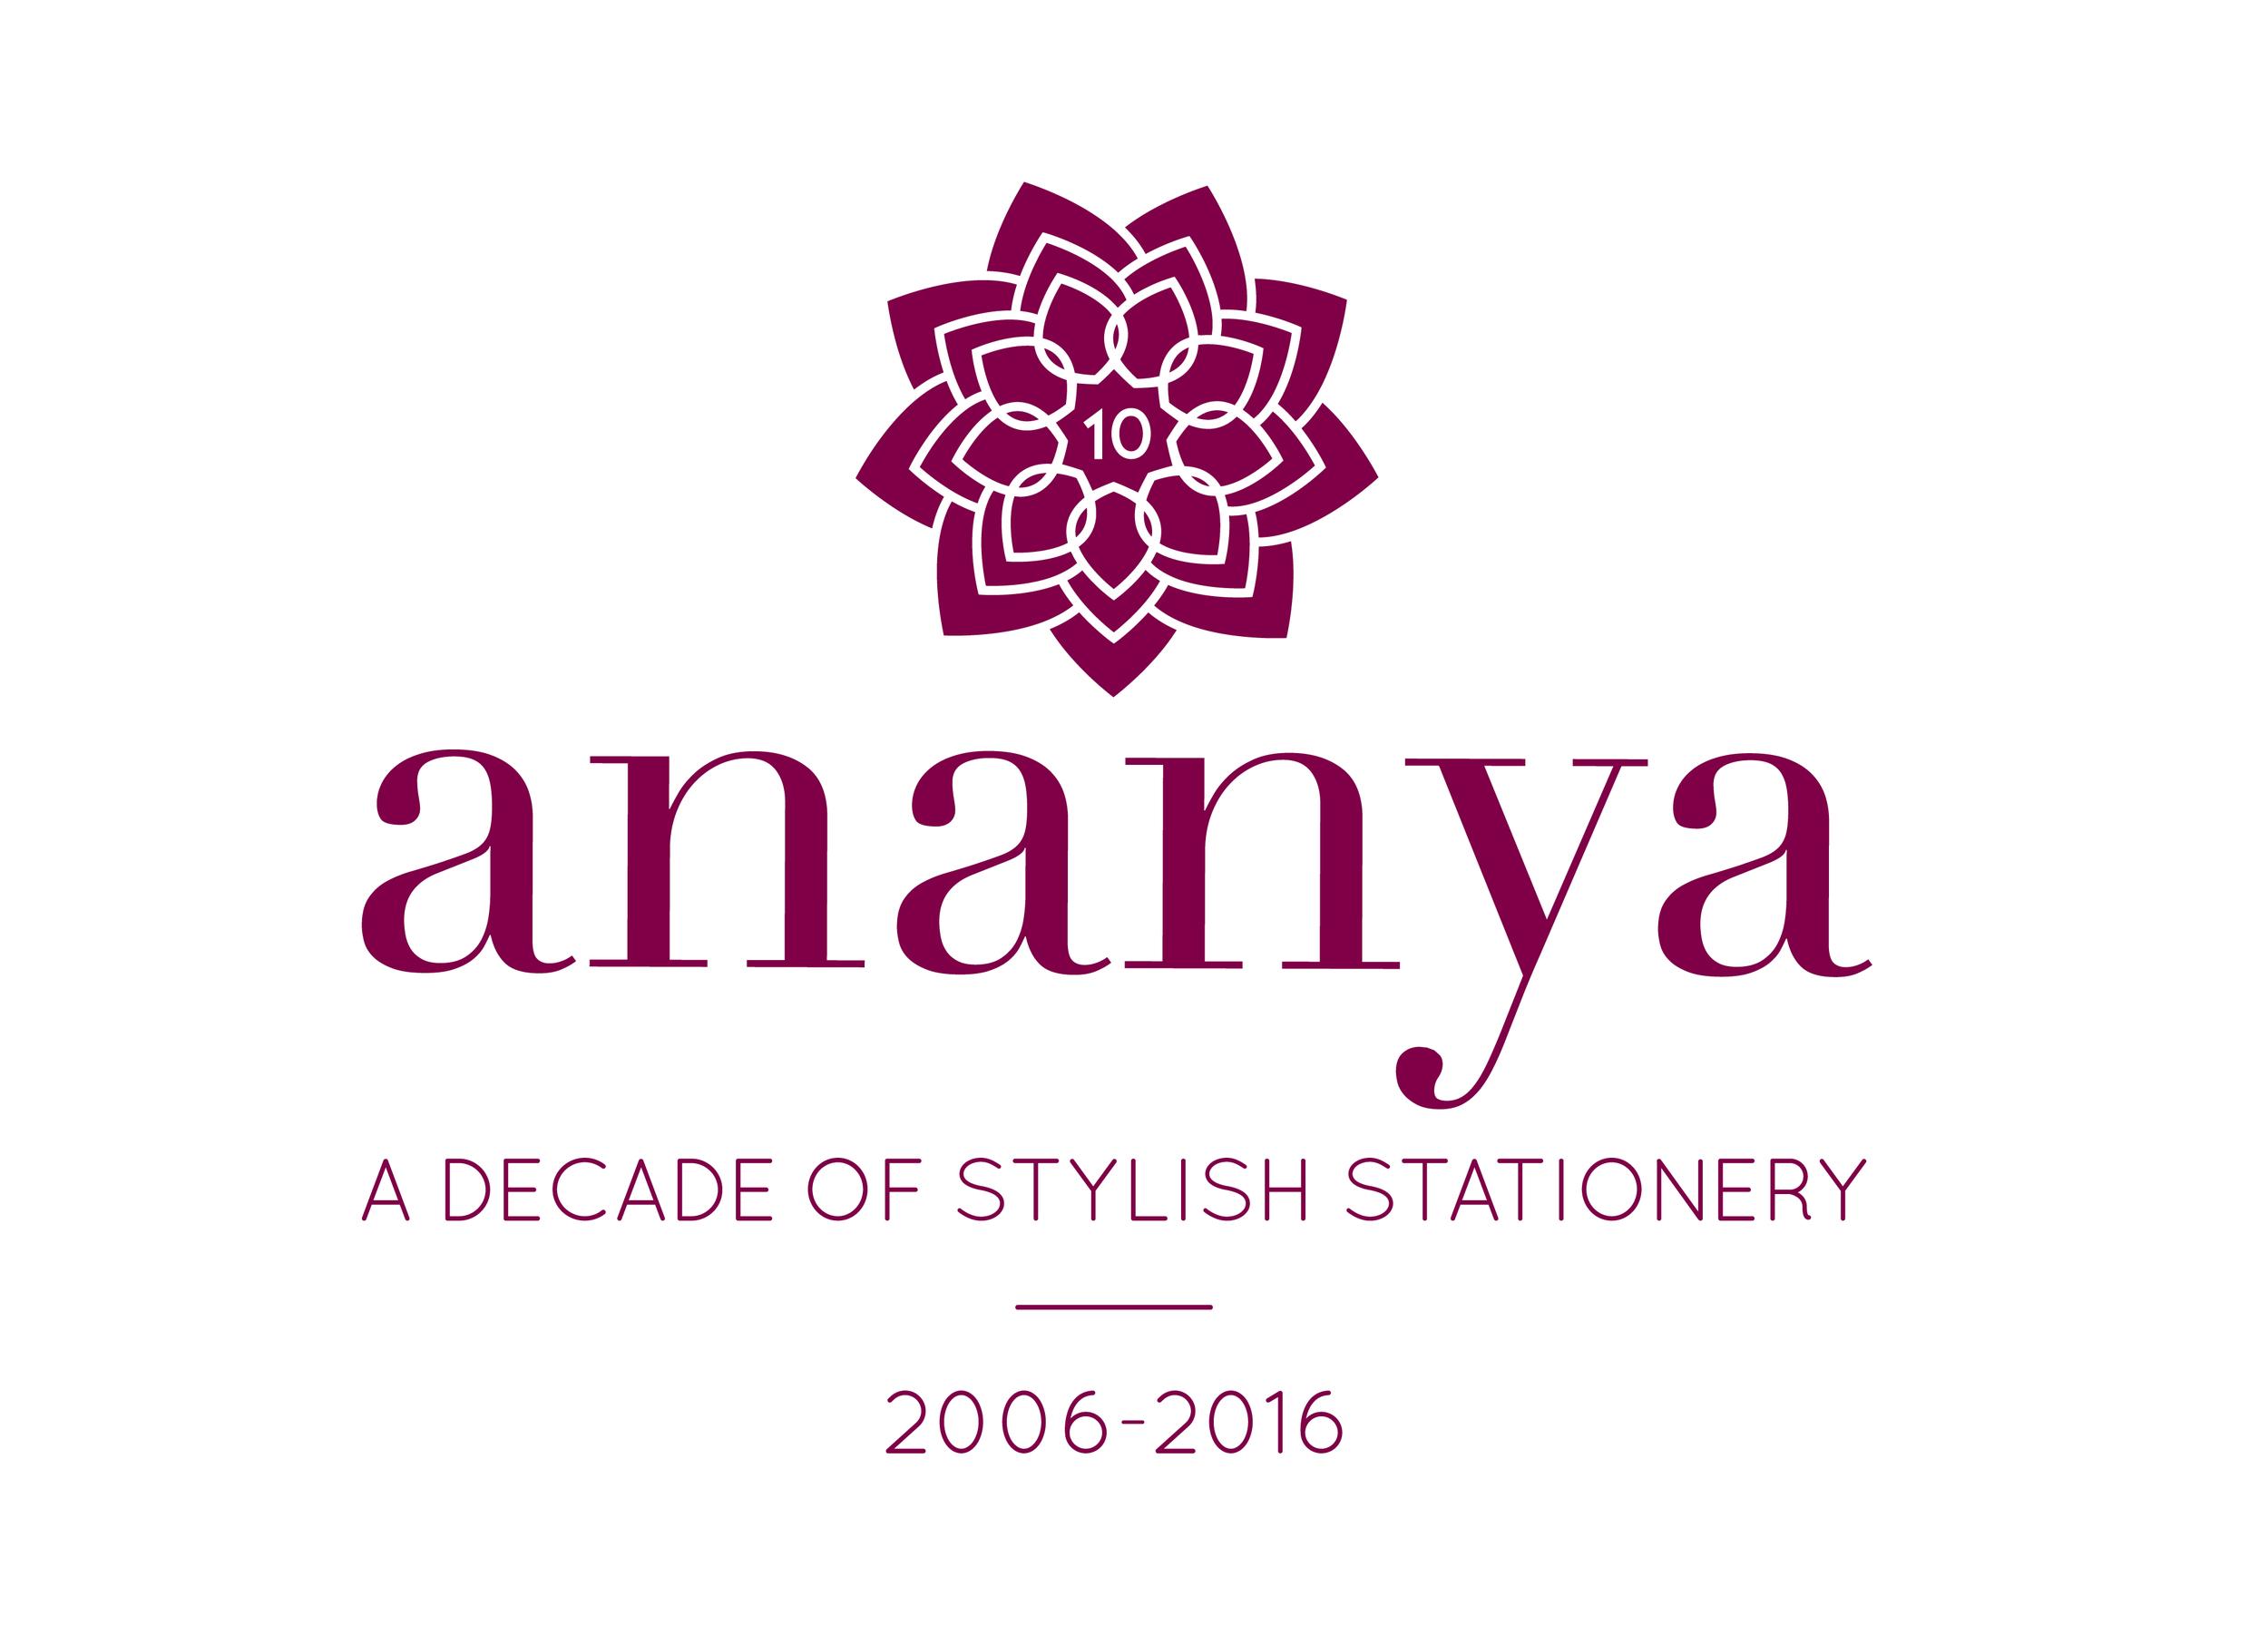 Logo celebrating 10 years of stylish stationery